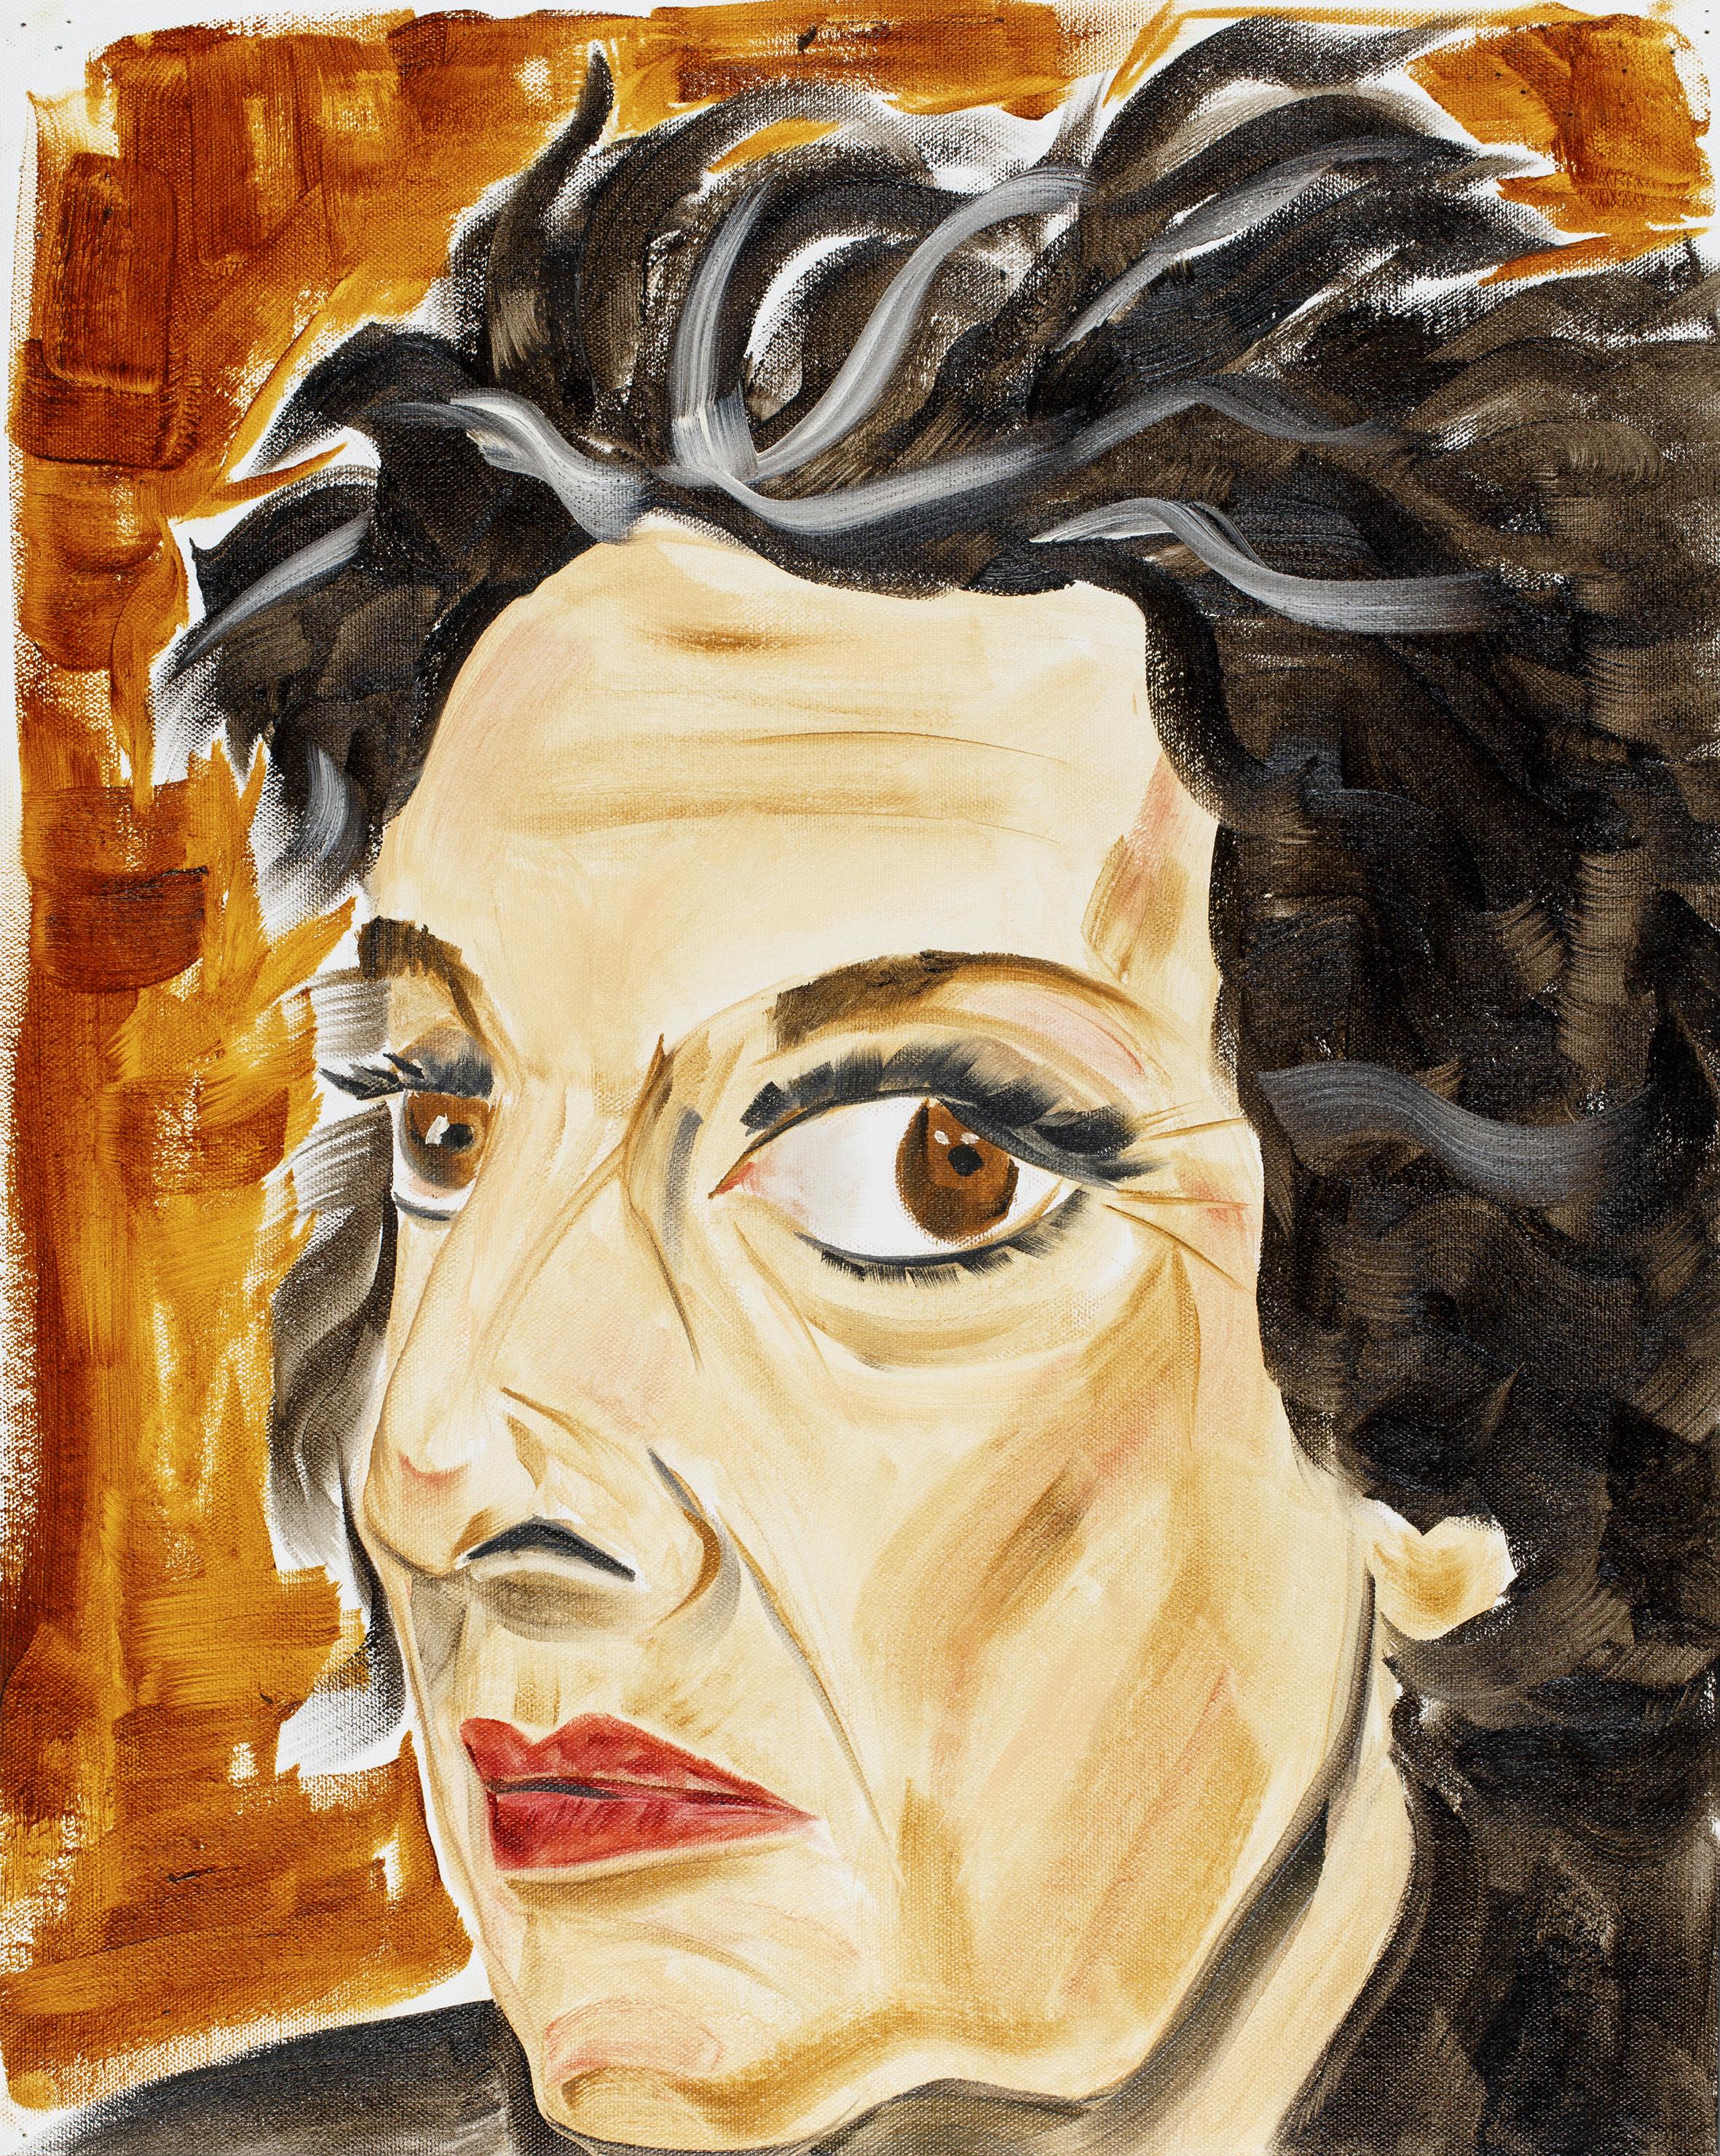 Gloria von Thurn und Taxis Ausstellung Lea Rosh